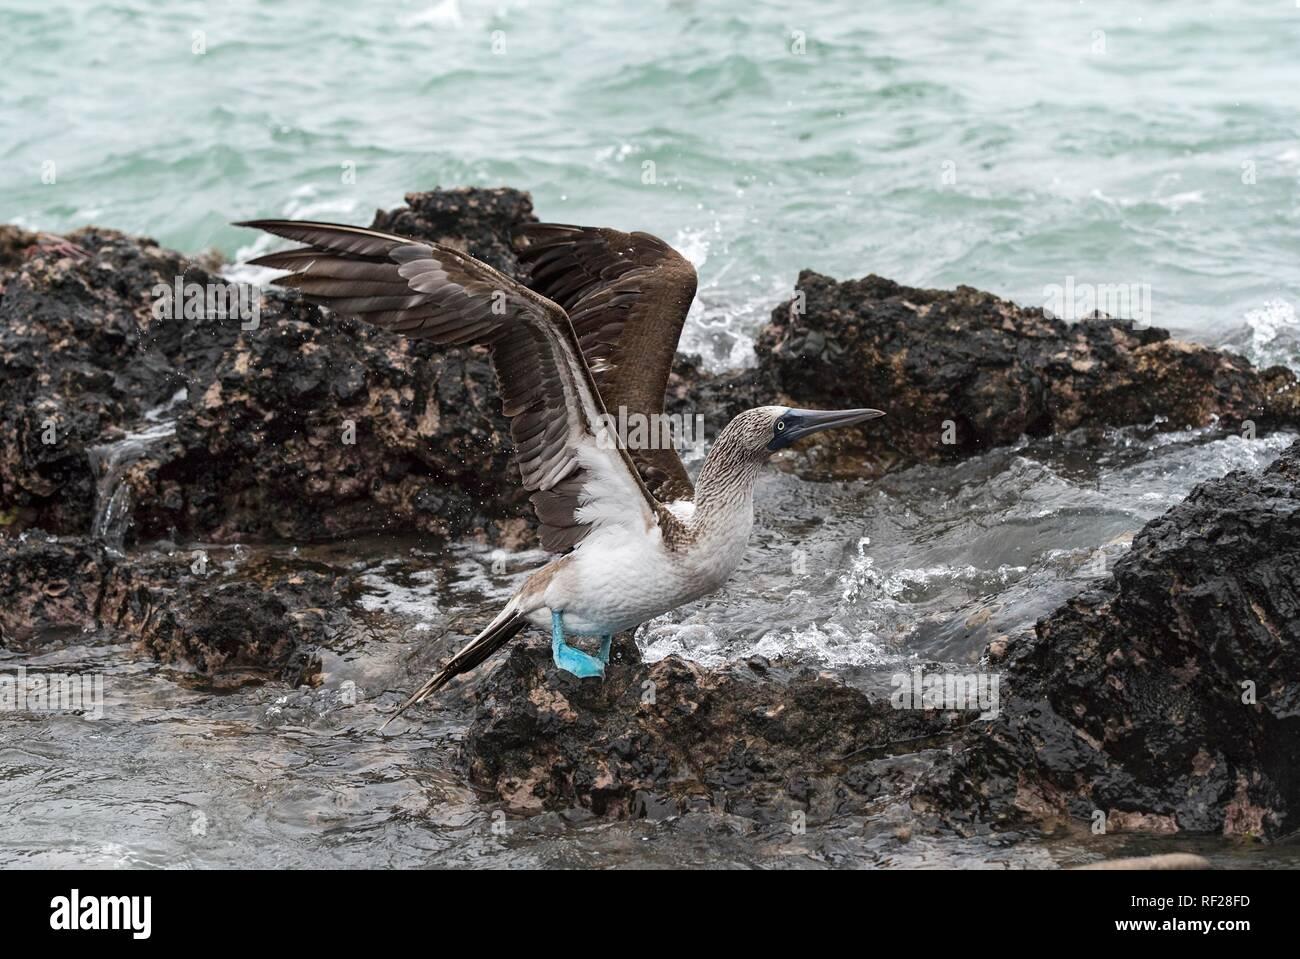 Blue-footed booby (Sula nebouxii), Isabela Island, Galapagos Islands, Ecuador - Stock Image